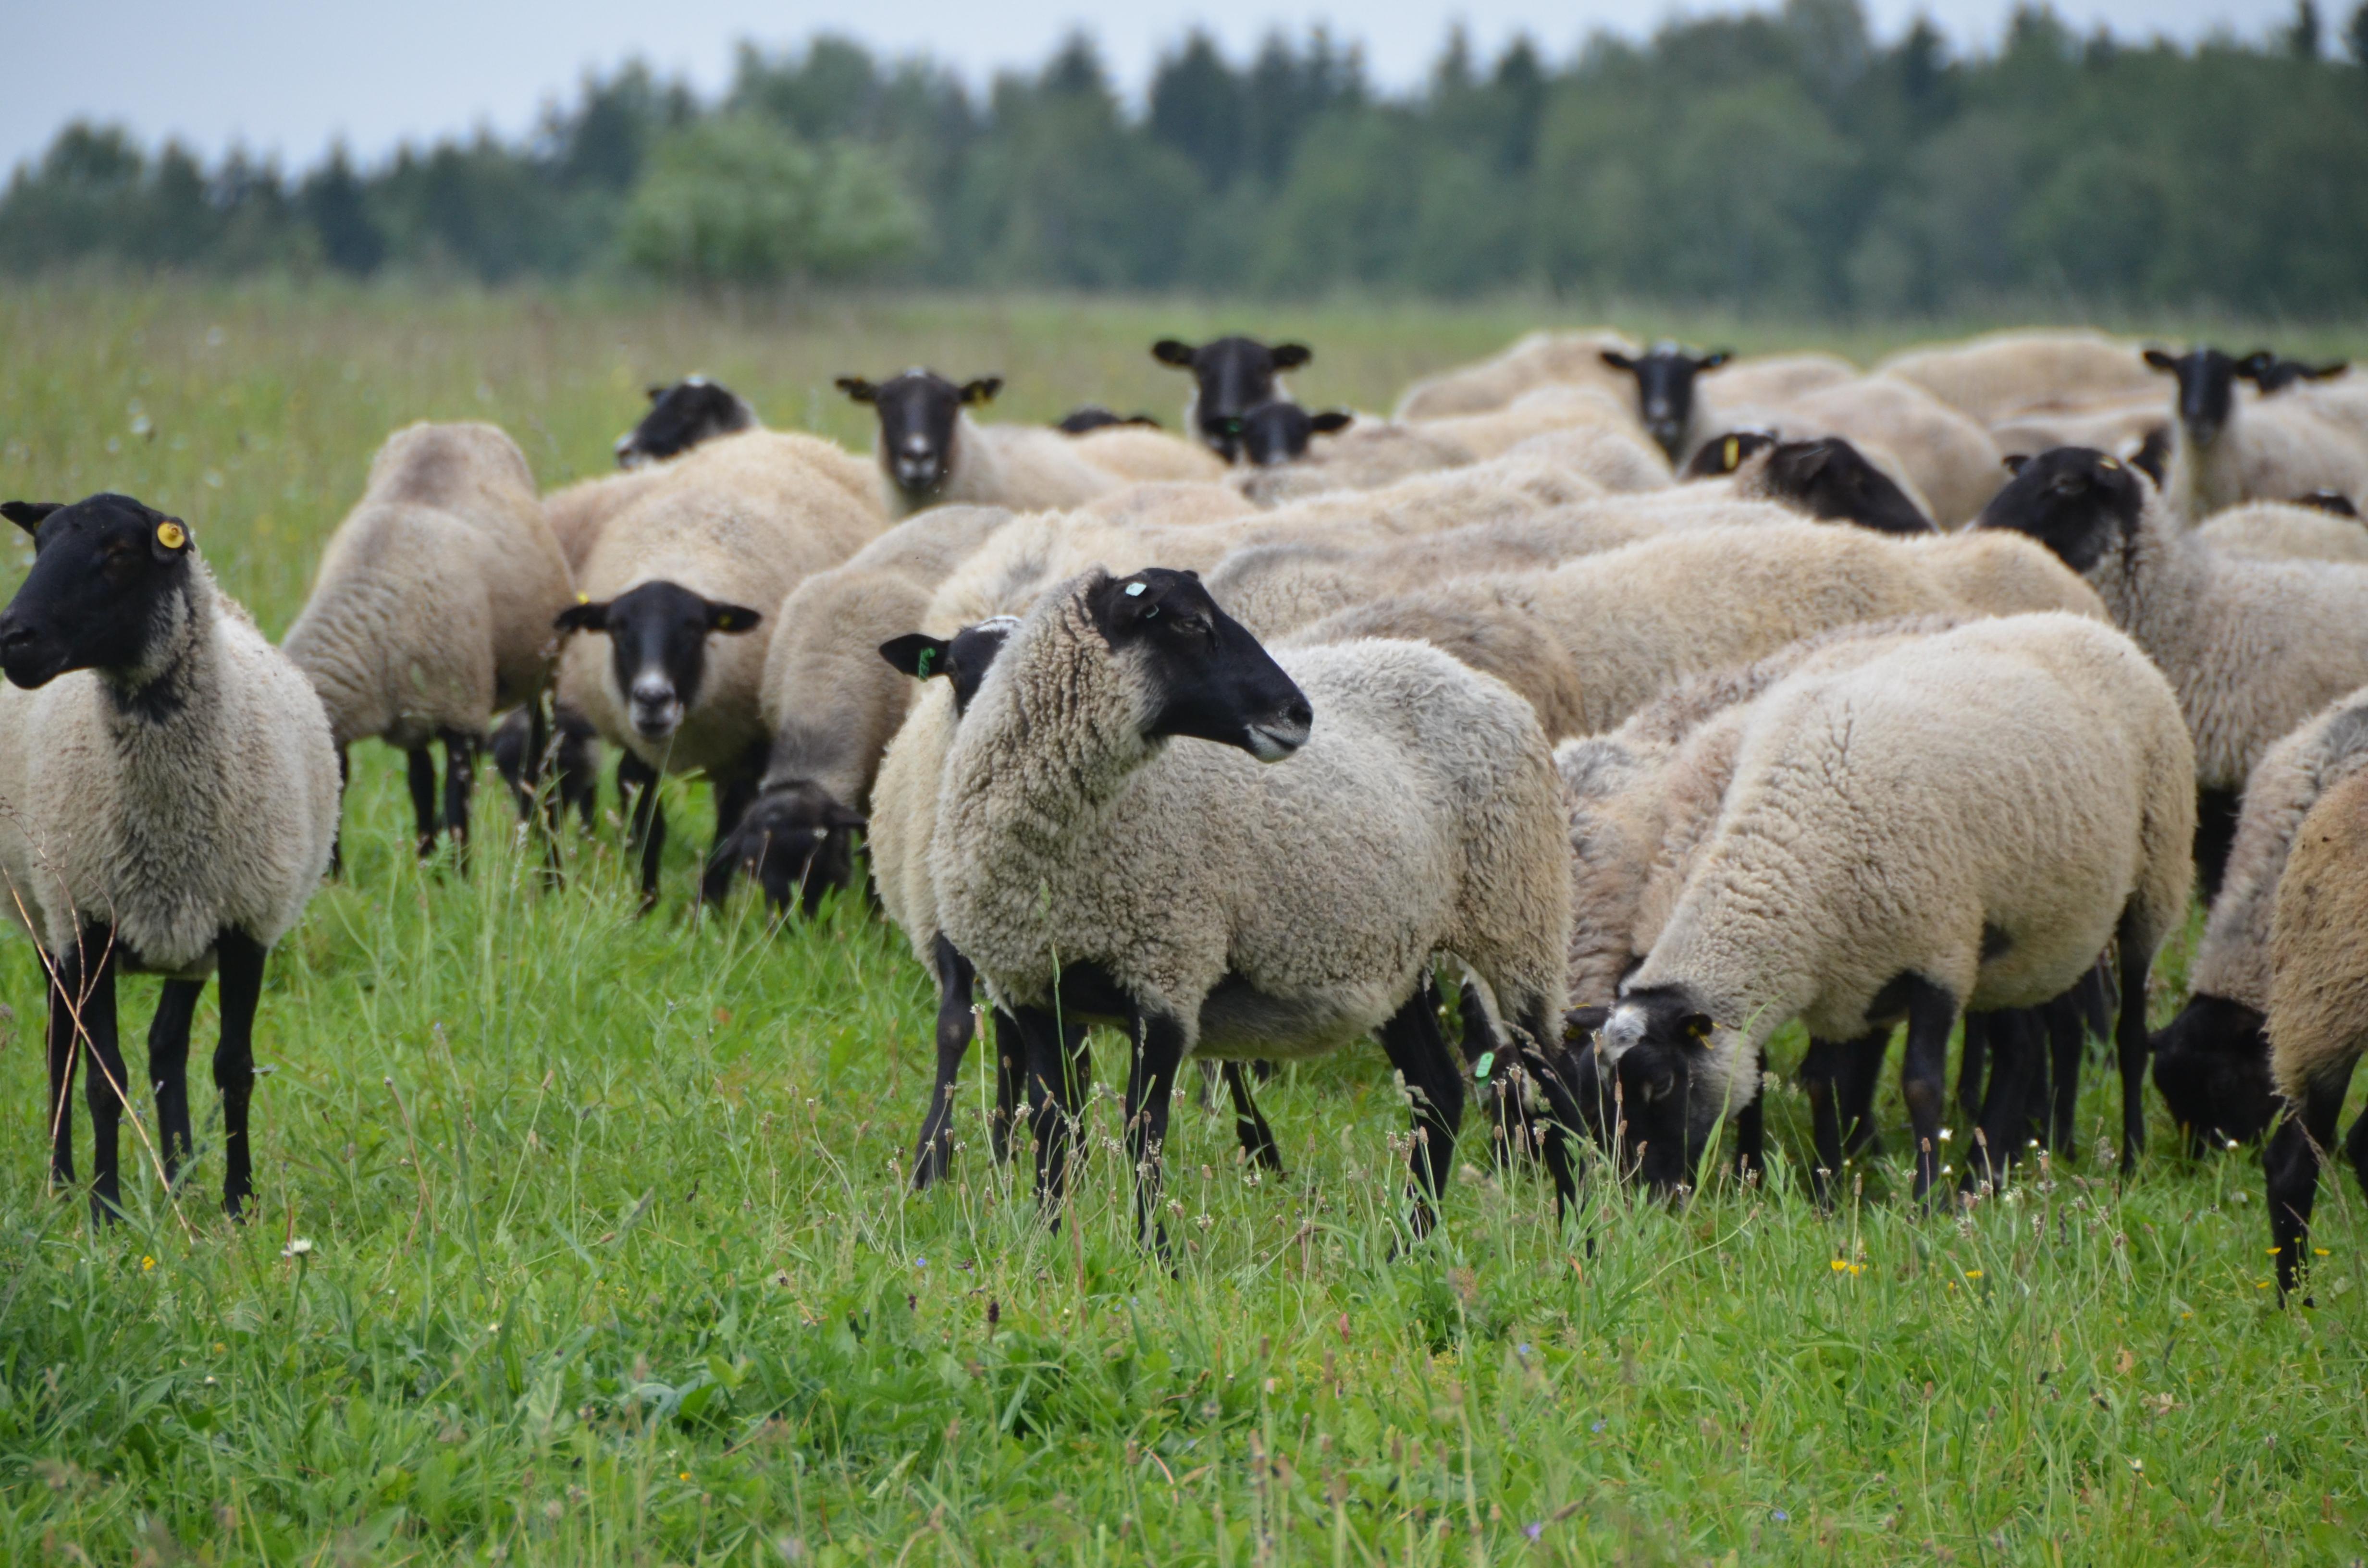 кажется фарах романовские овцы фото незапамятных